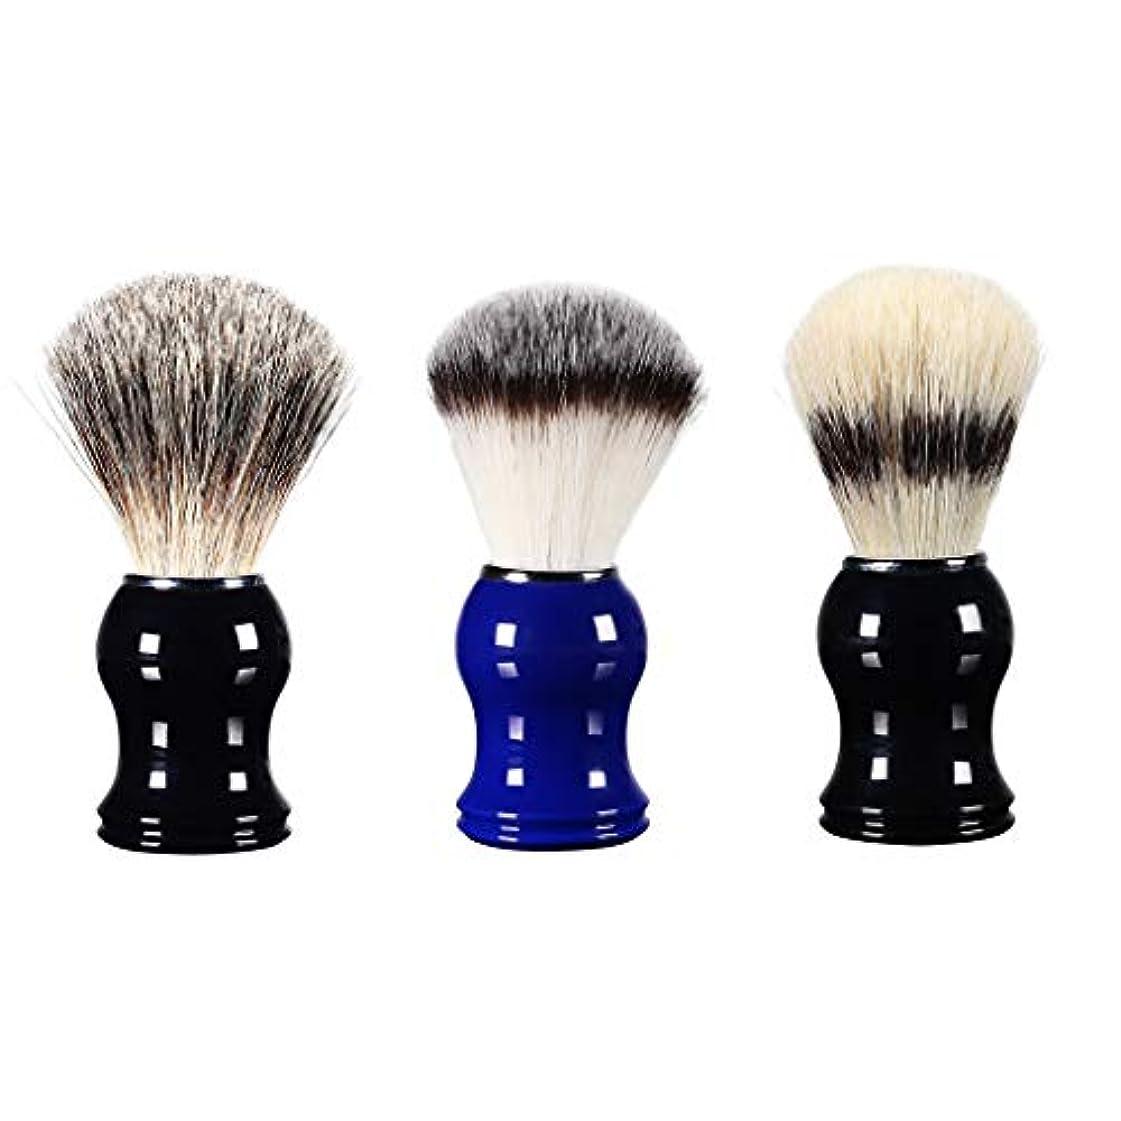 配置アヒルたくさんのsharprepublic メンズ用 髭剃り シェービングブラシ 樹脂ハ ンドル 理容 洗顔 髭剃り 男性 ギフト 3個入